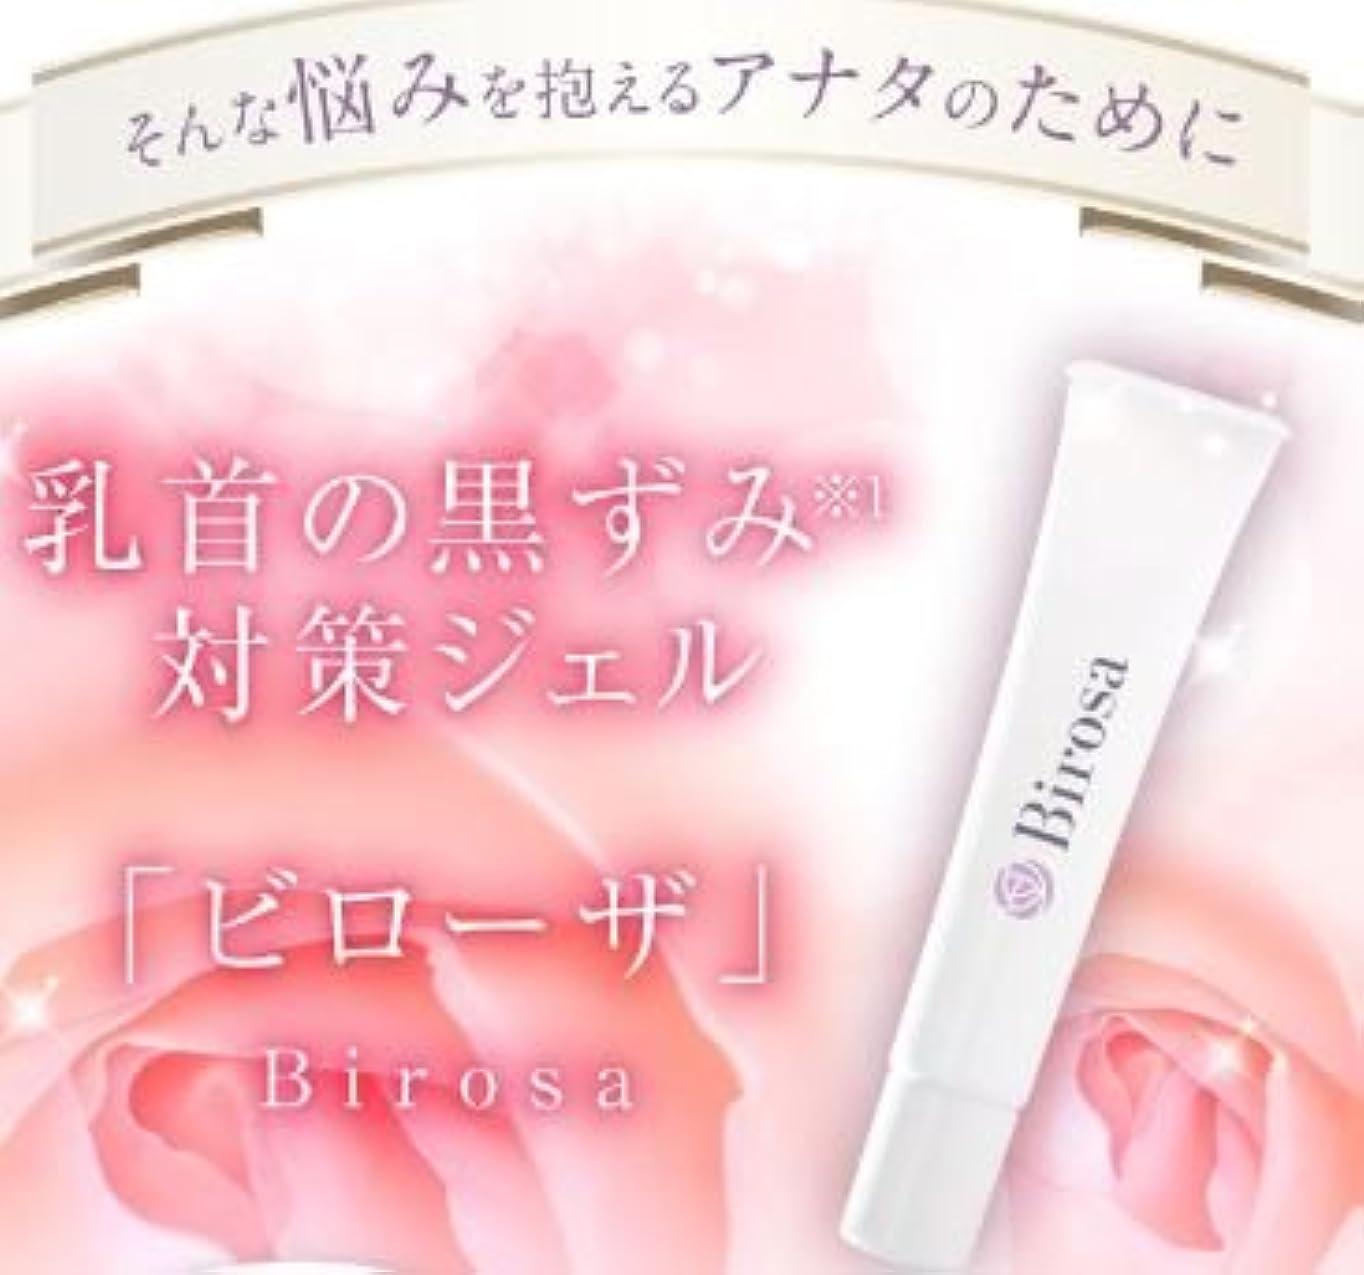 ボイド悲惨蛾Birosa  ビローザ  美白ジェル (医薬部外品) 40g